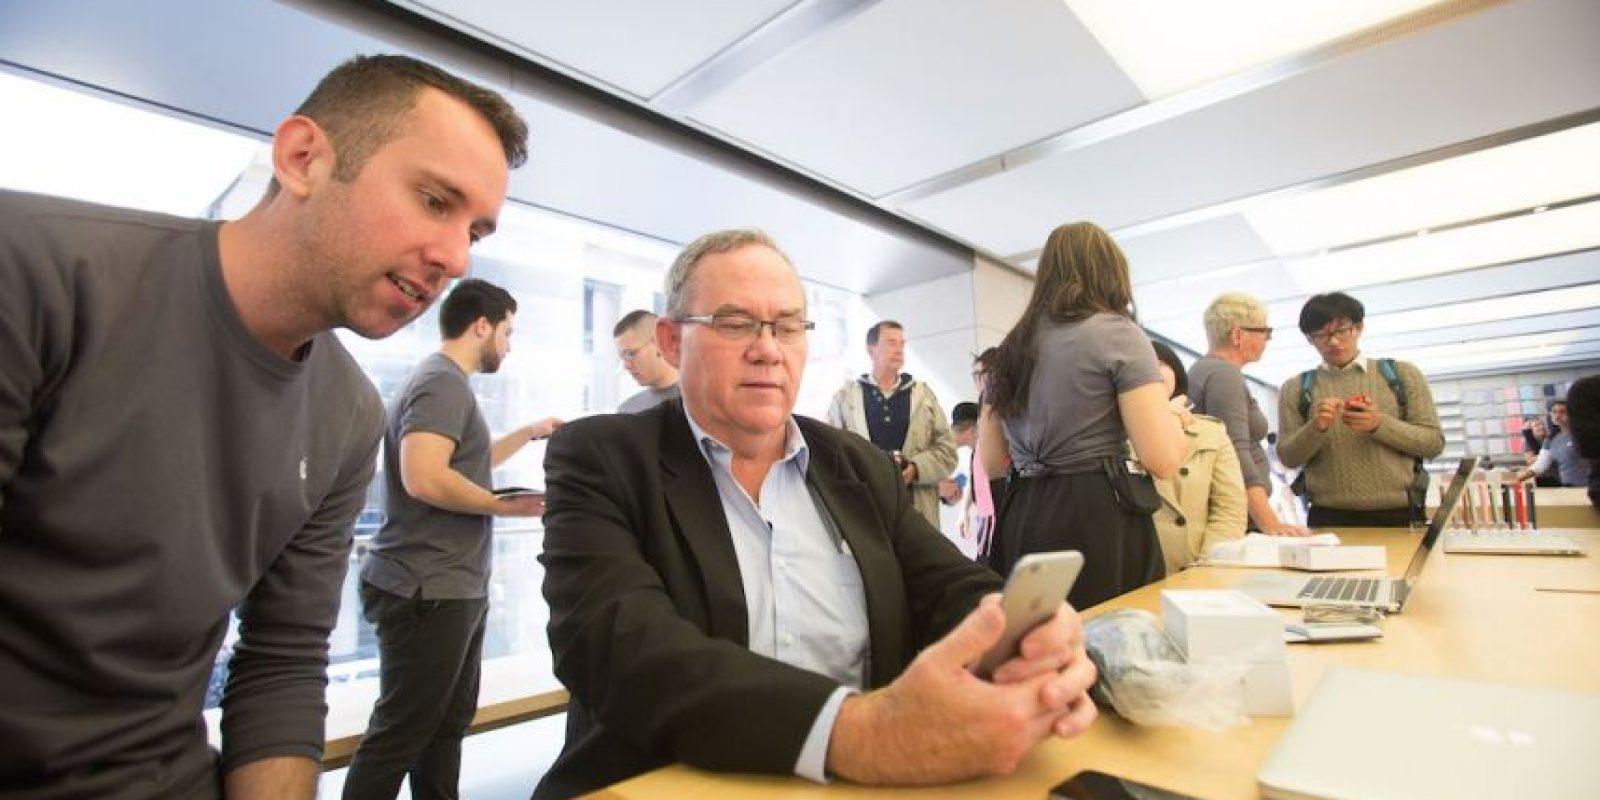 Aunque no es una opción específica del dispositivo, Apple tiene un plan de financiamiento en el que cada mes los usuarios deben pagar determinada cantidad para que después de dos años, obtengan un nuevo iPhone. El costo depende del modelo que deseen obtener. Foto:Getty Images